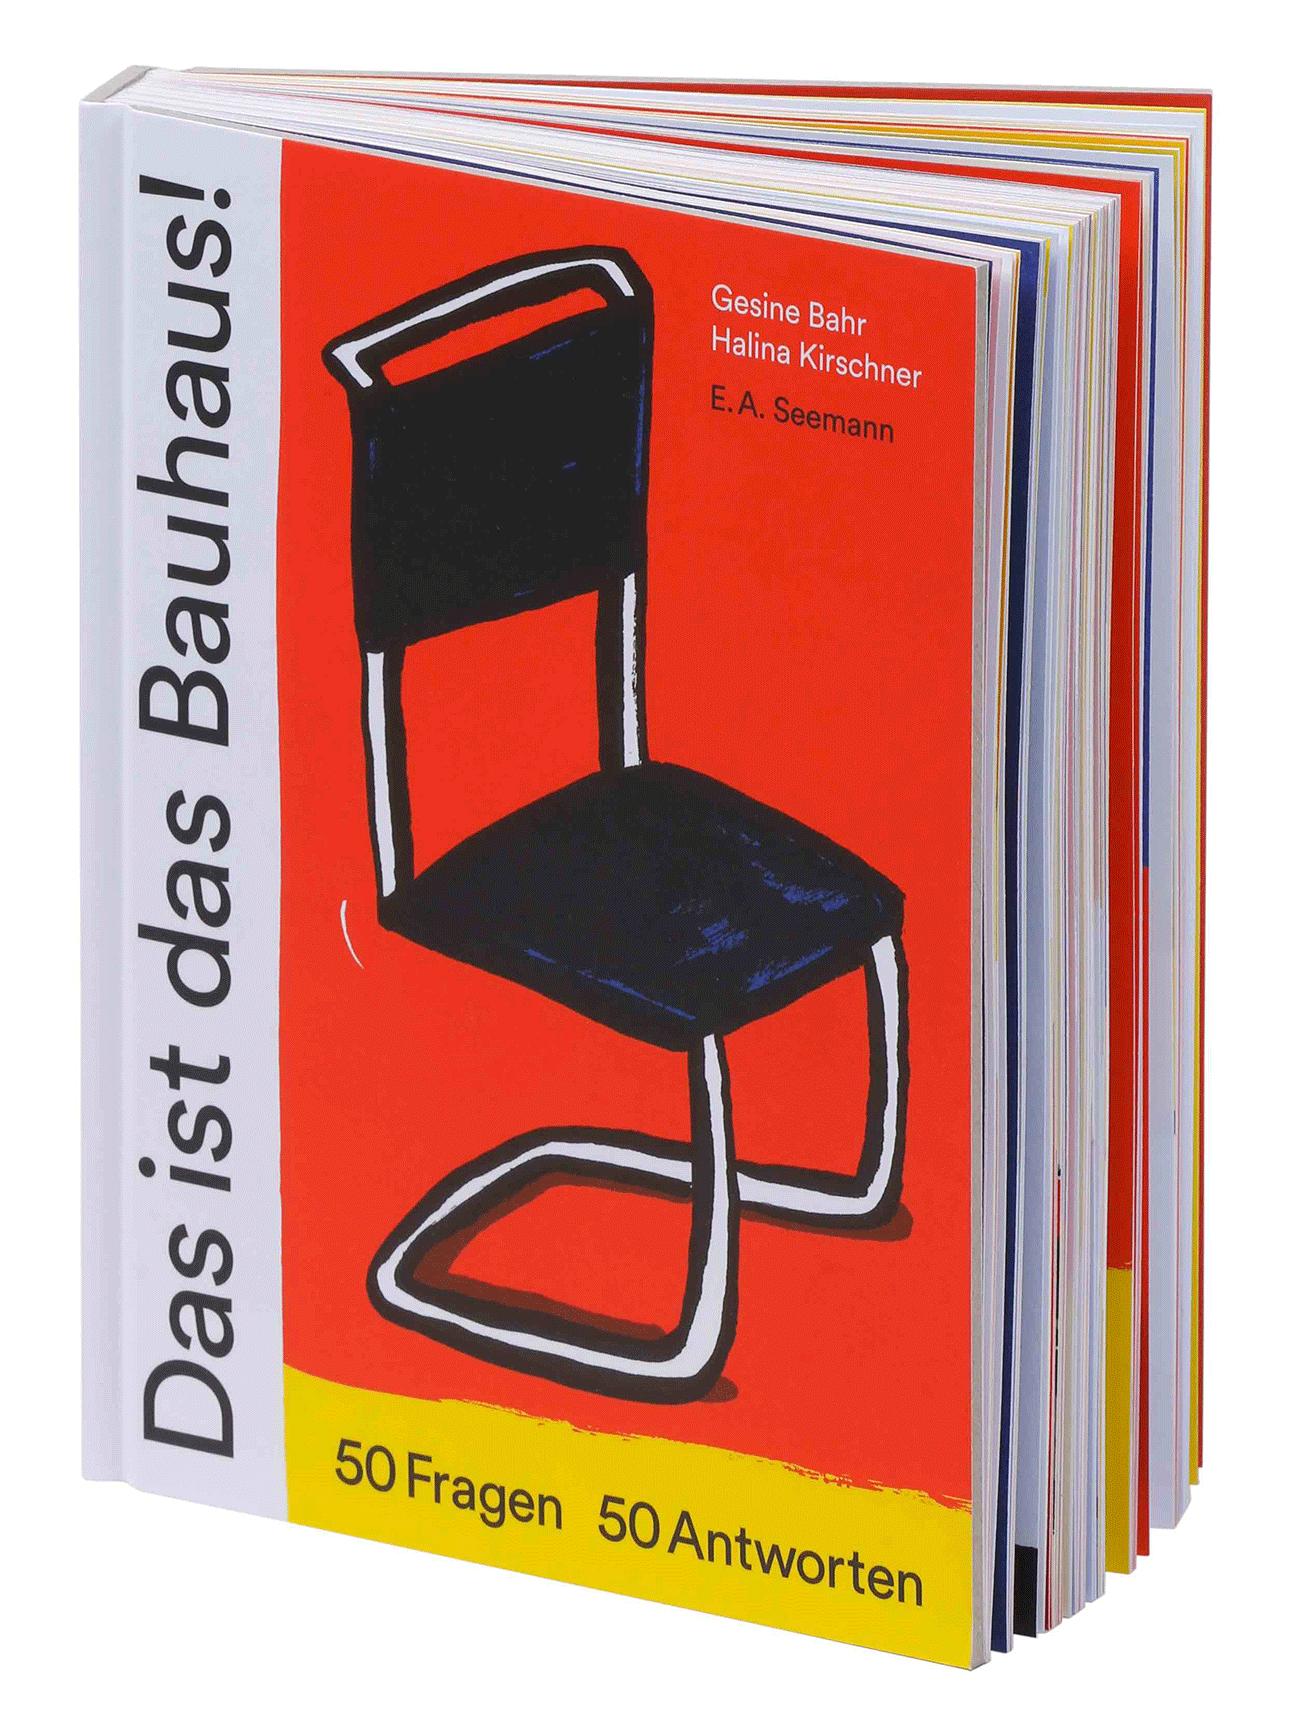 Das sind die schönsten deutschen Bücher 2019